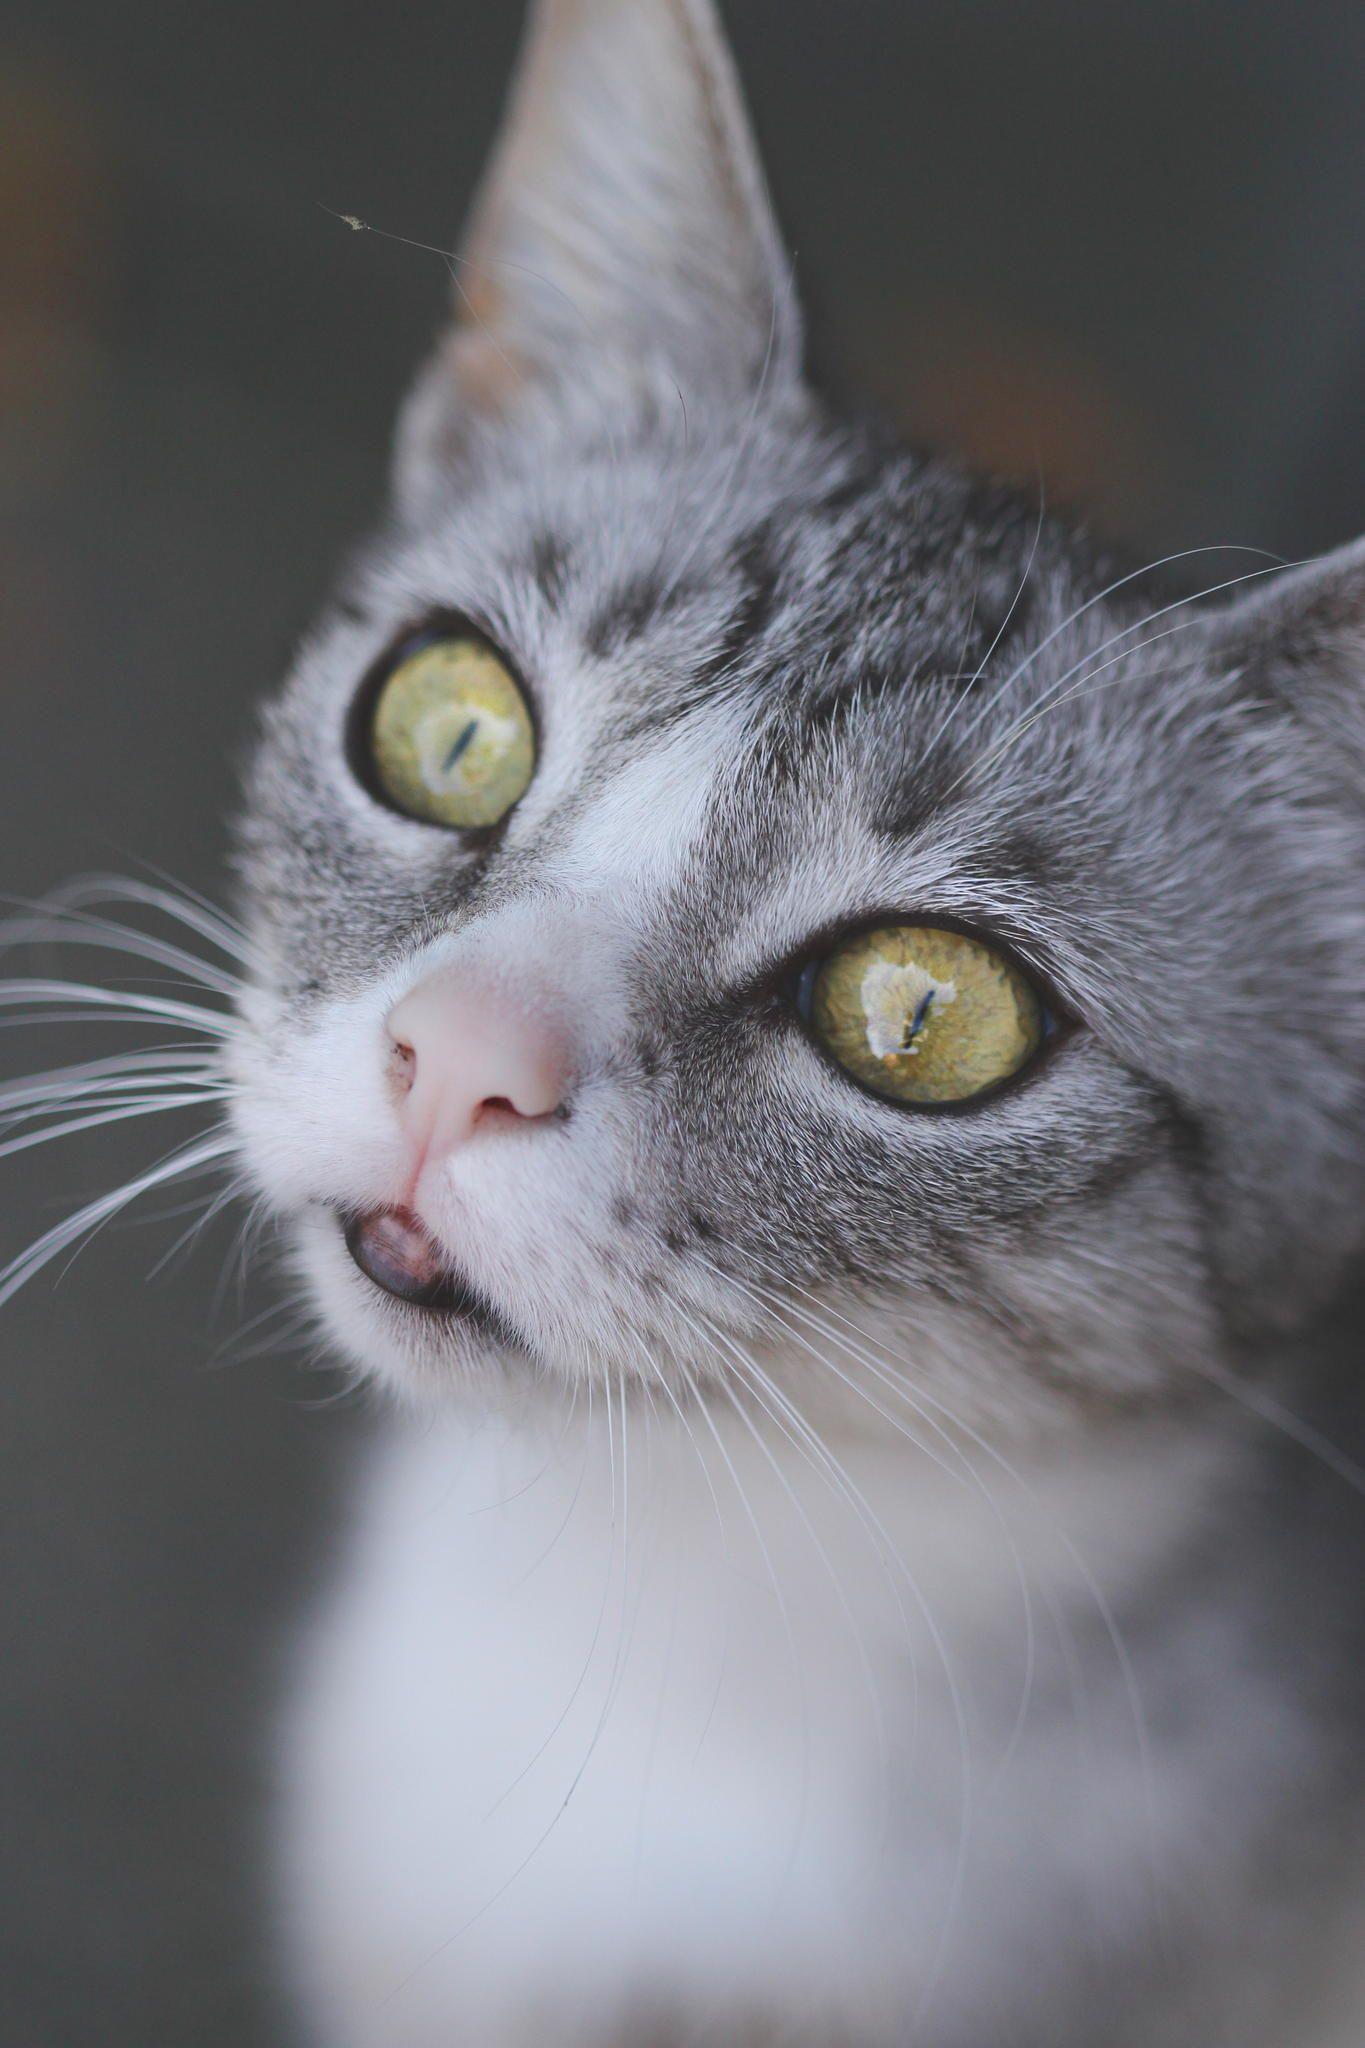 Meow by Steffi Büschgens on 500px Cats, kittens, Cute